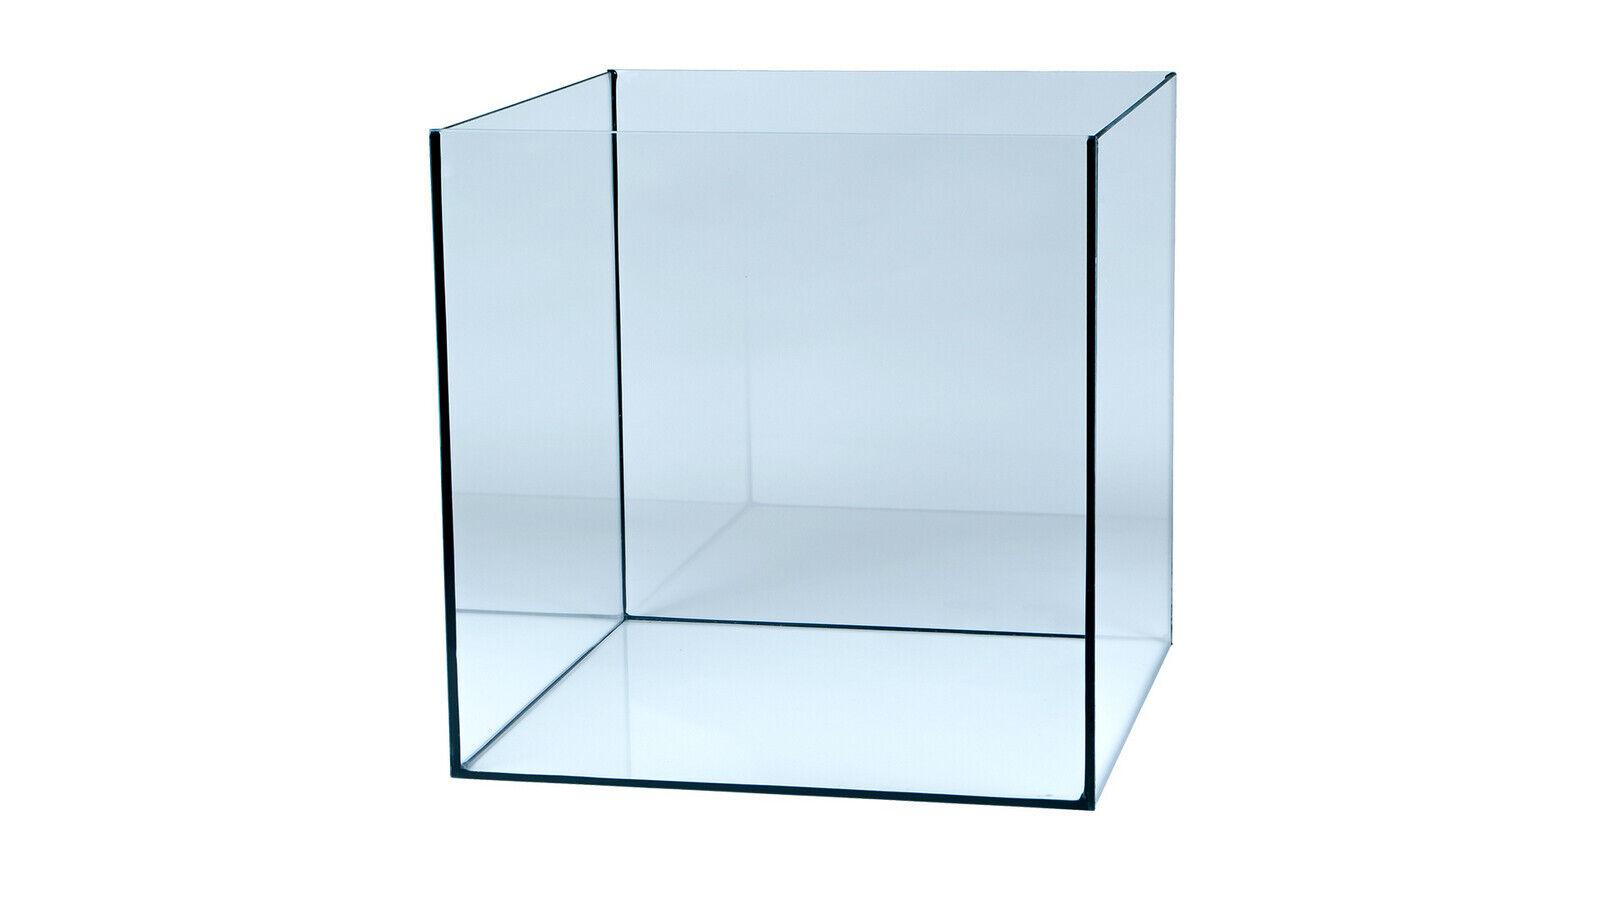 Cube Aquarium Würfel Glasbecken  Nano Scaper Glasbecken viele Größen